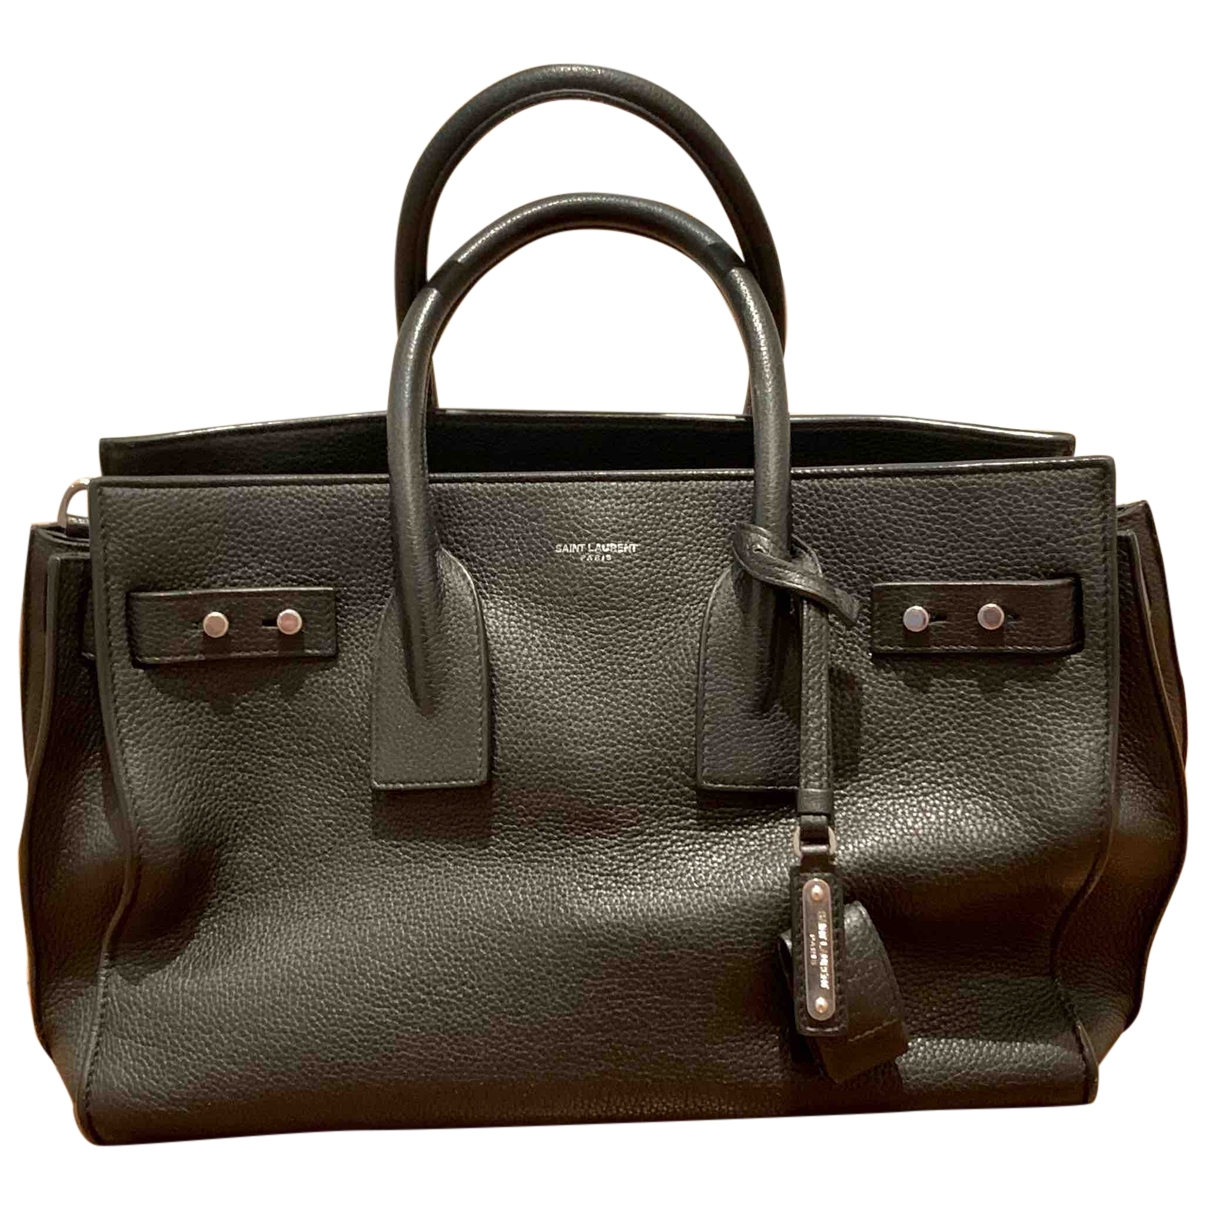 Saint Laurent Sac de Jour Black Leather handbag for Women \N